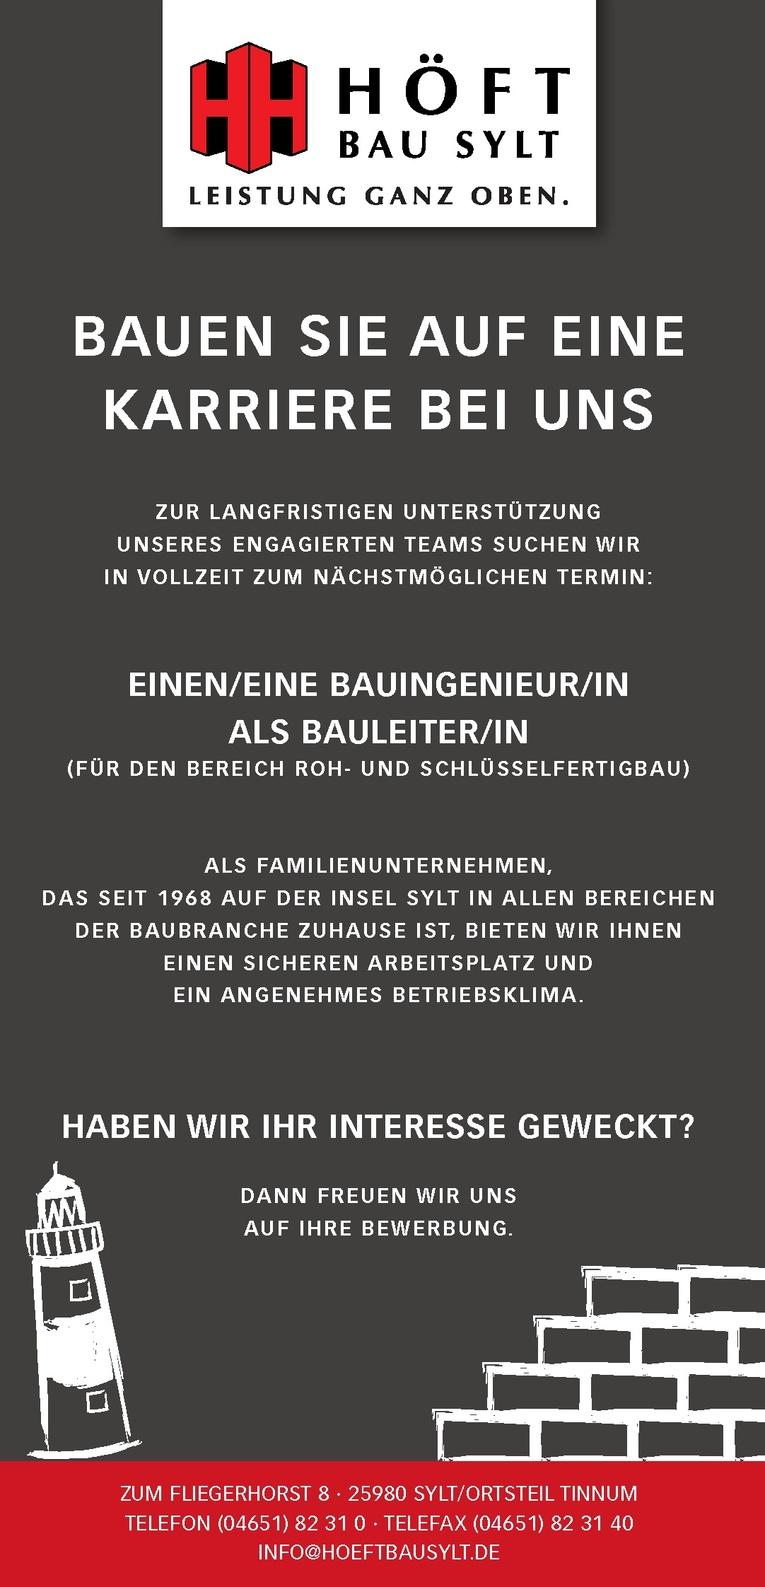 BAUINGENIEUR/IN ALS BAULEITER/IN